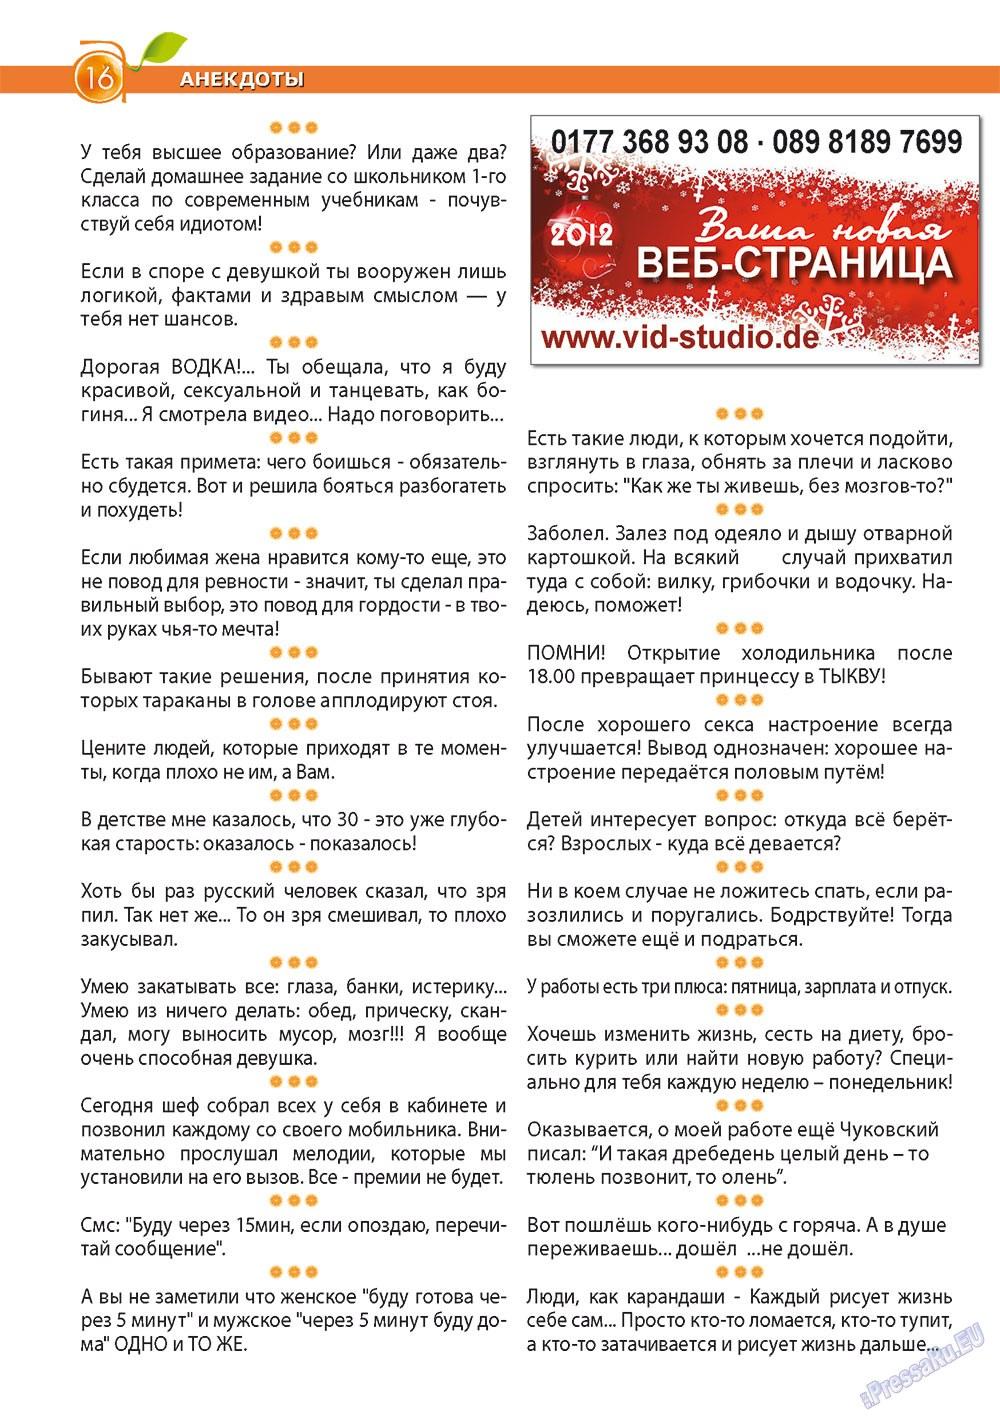 Апельсин (журнал). 2012 год, номер 32, стр. 16